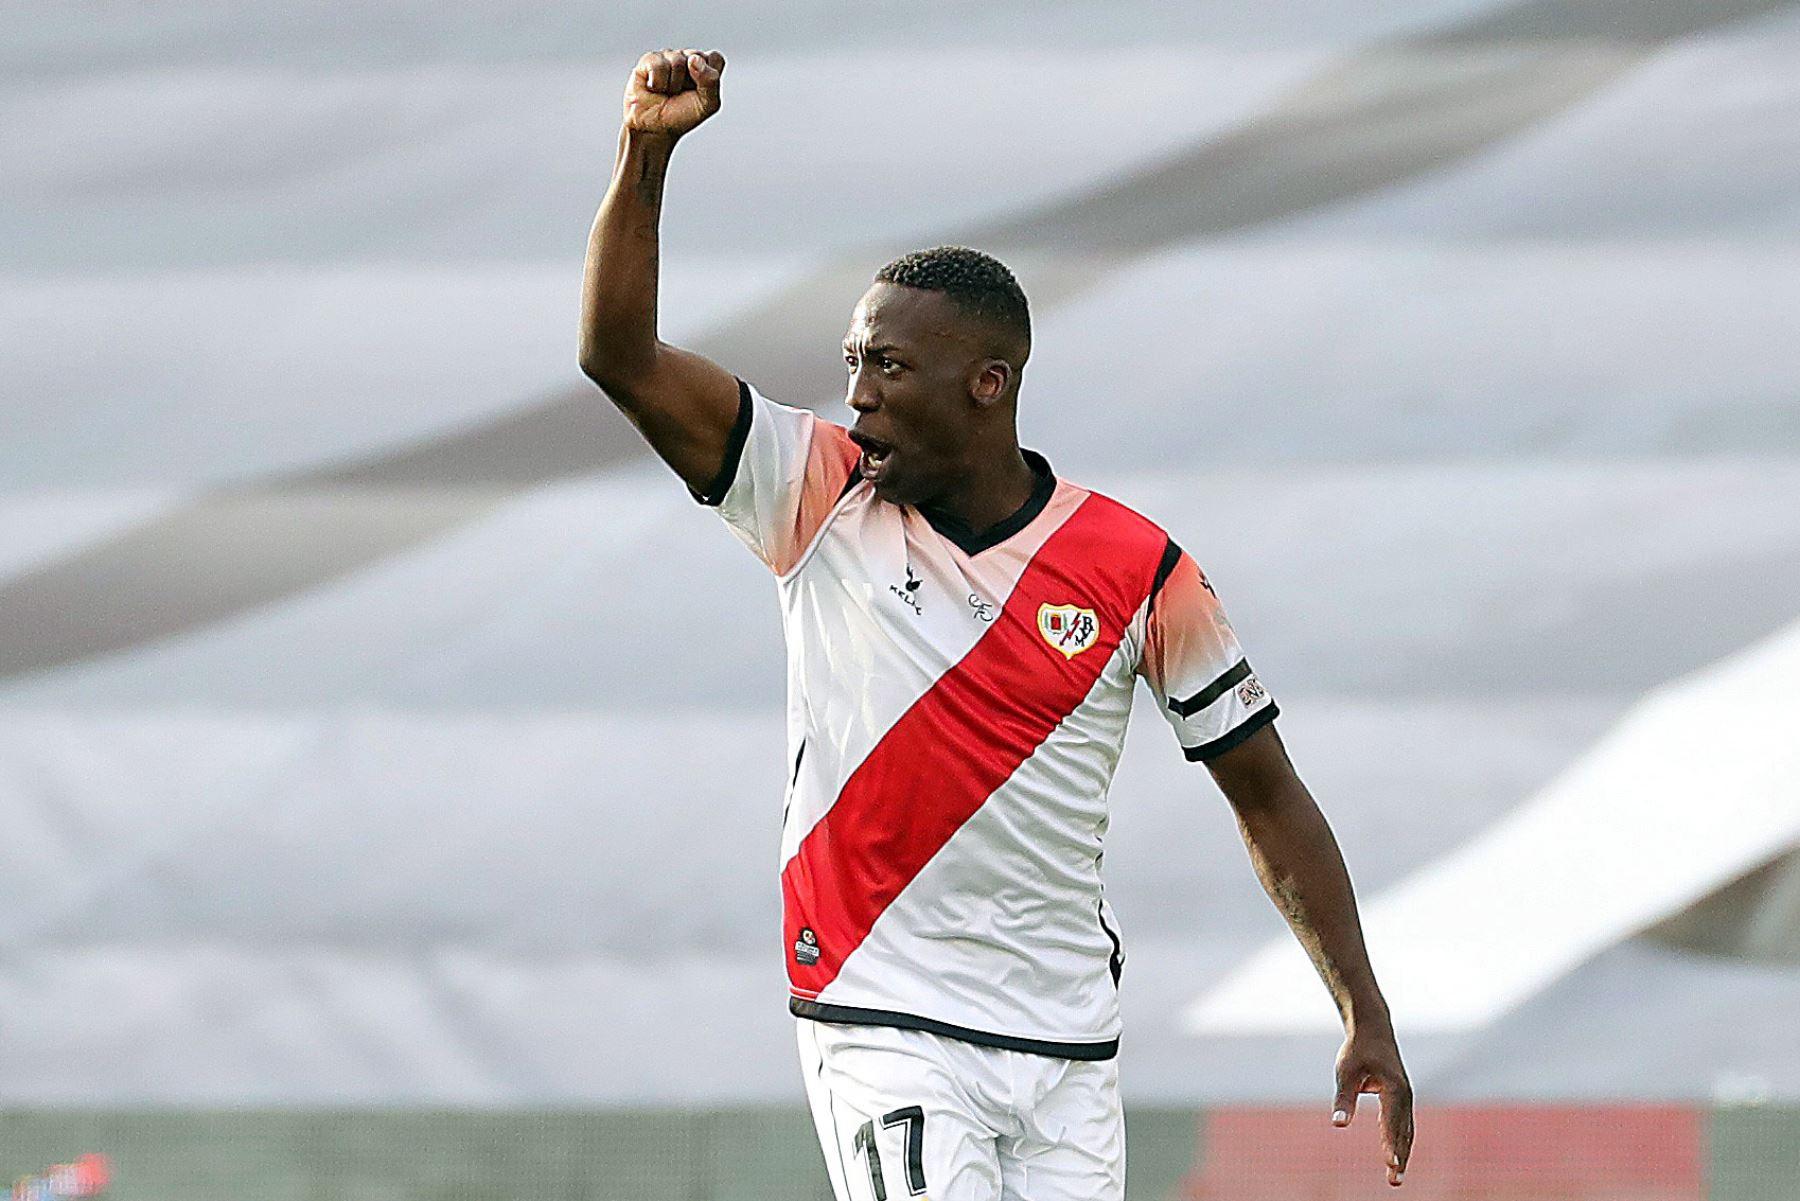 Luis Advíncula a la espera que se resuelva su pase al Boca Juniors en breve